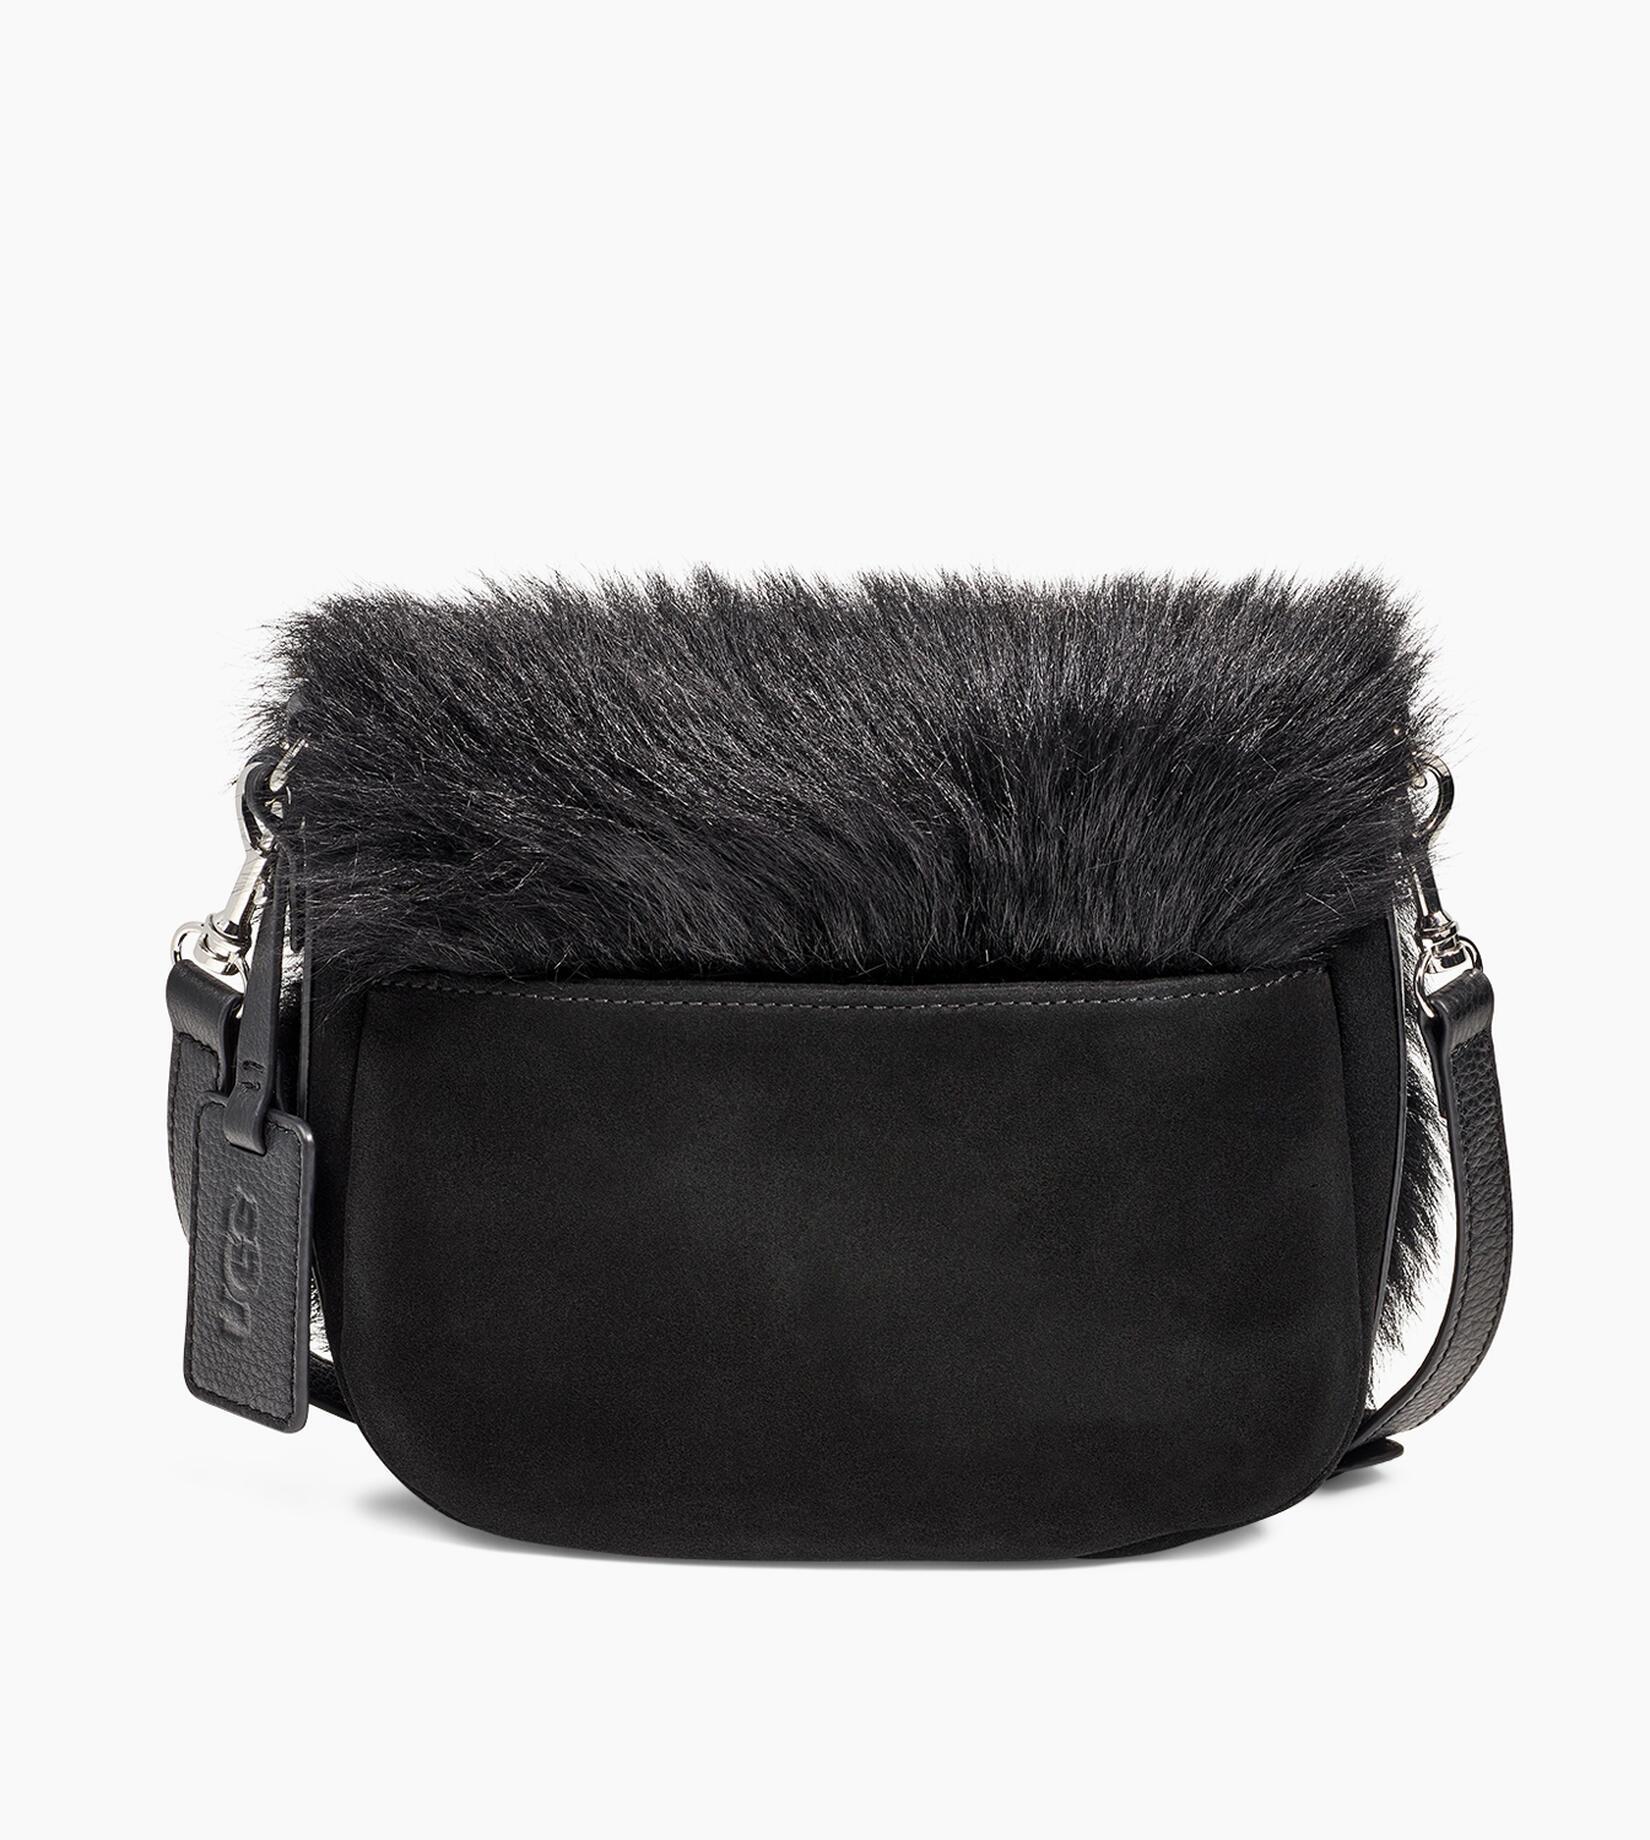 Livy Saddle Bag Toscana